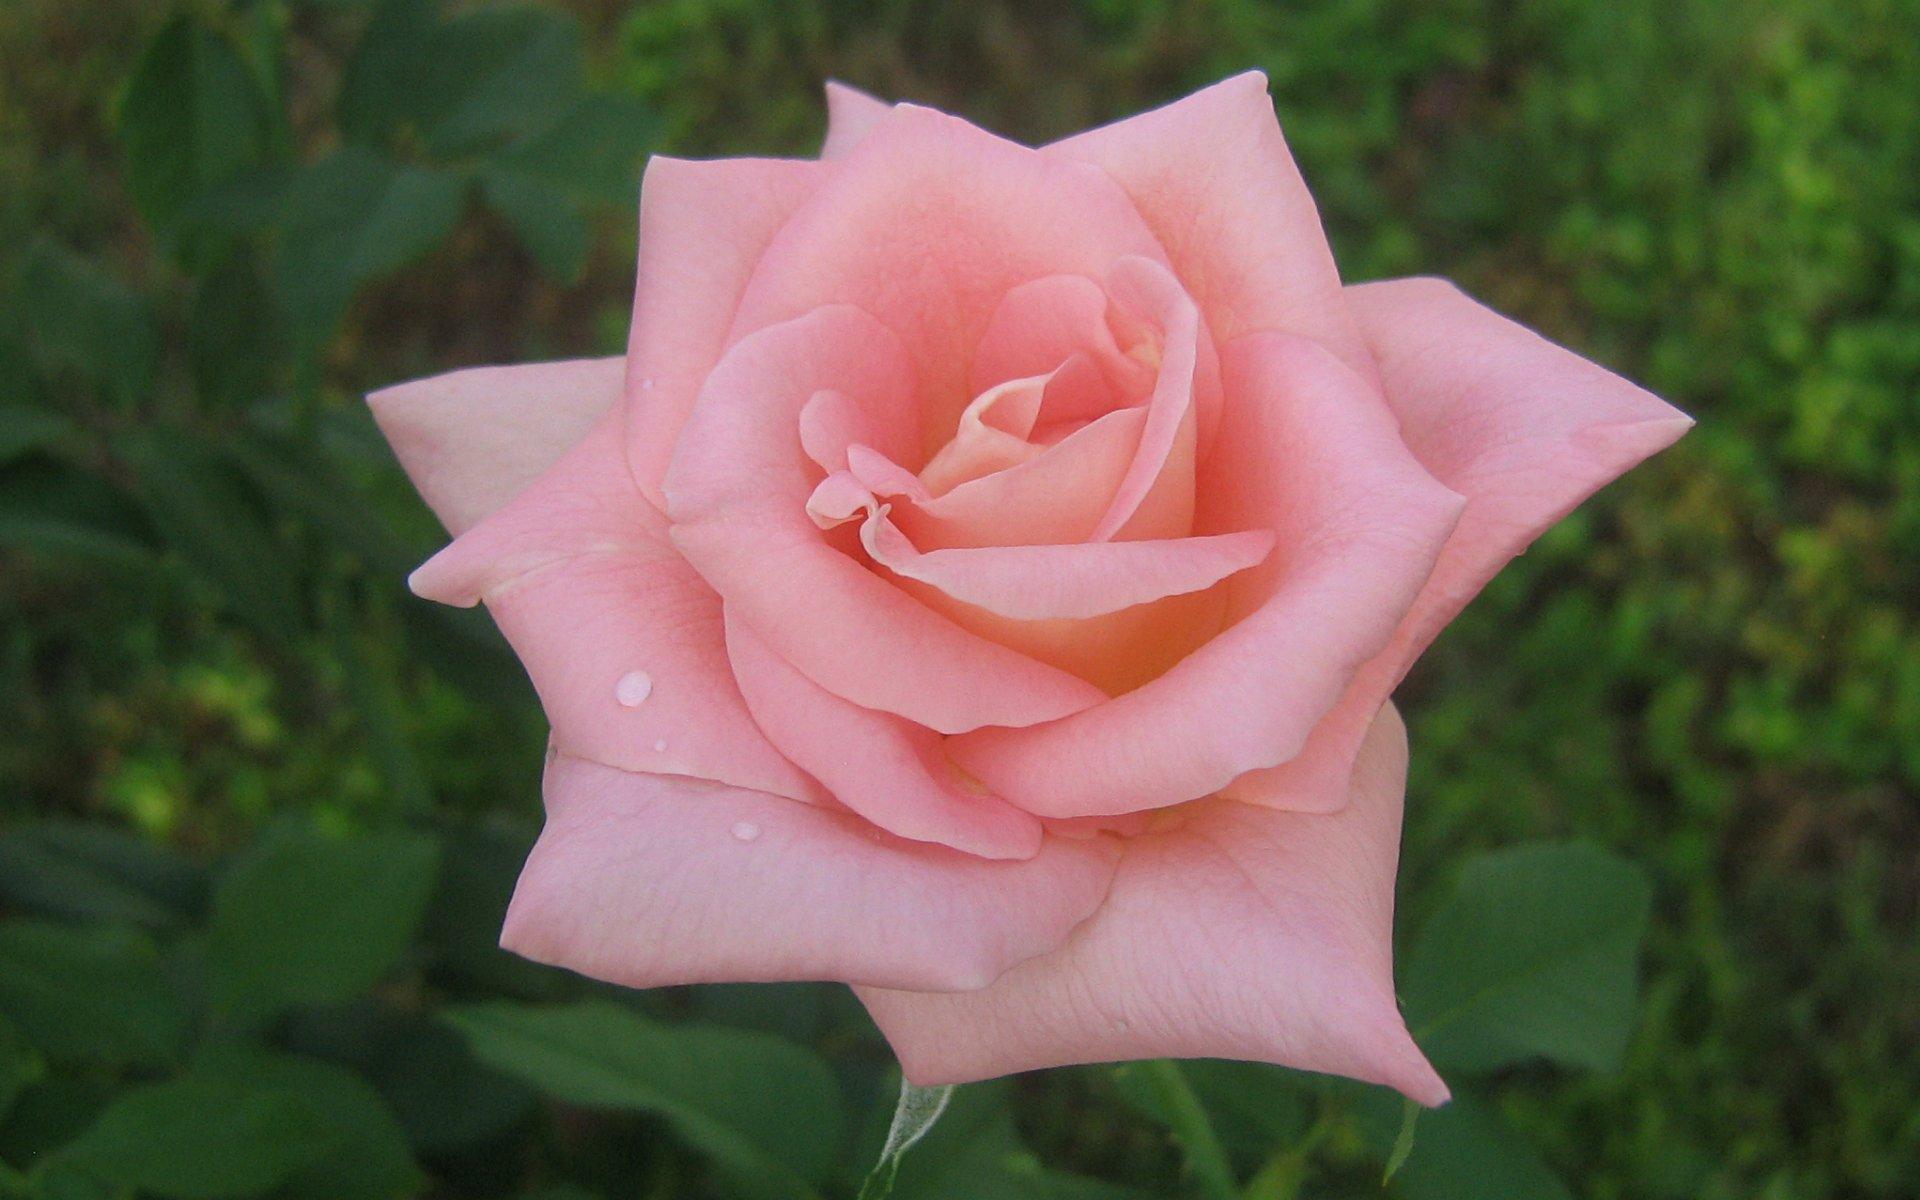 Cute Pink Rose Wallpaper